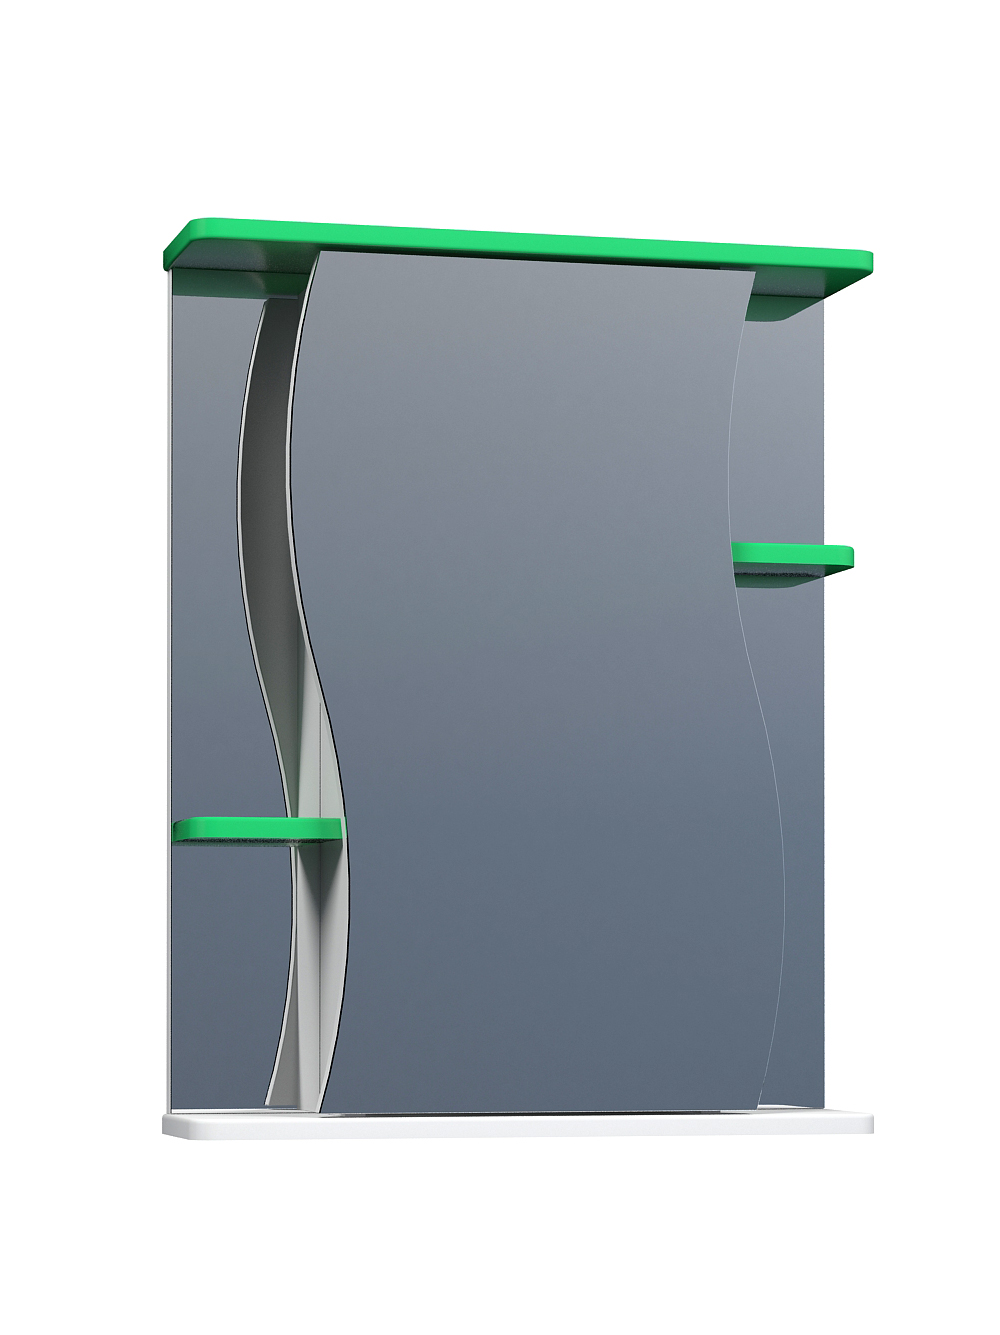 Зеркальный шкаф Alessandro 3-550 зеленый